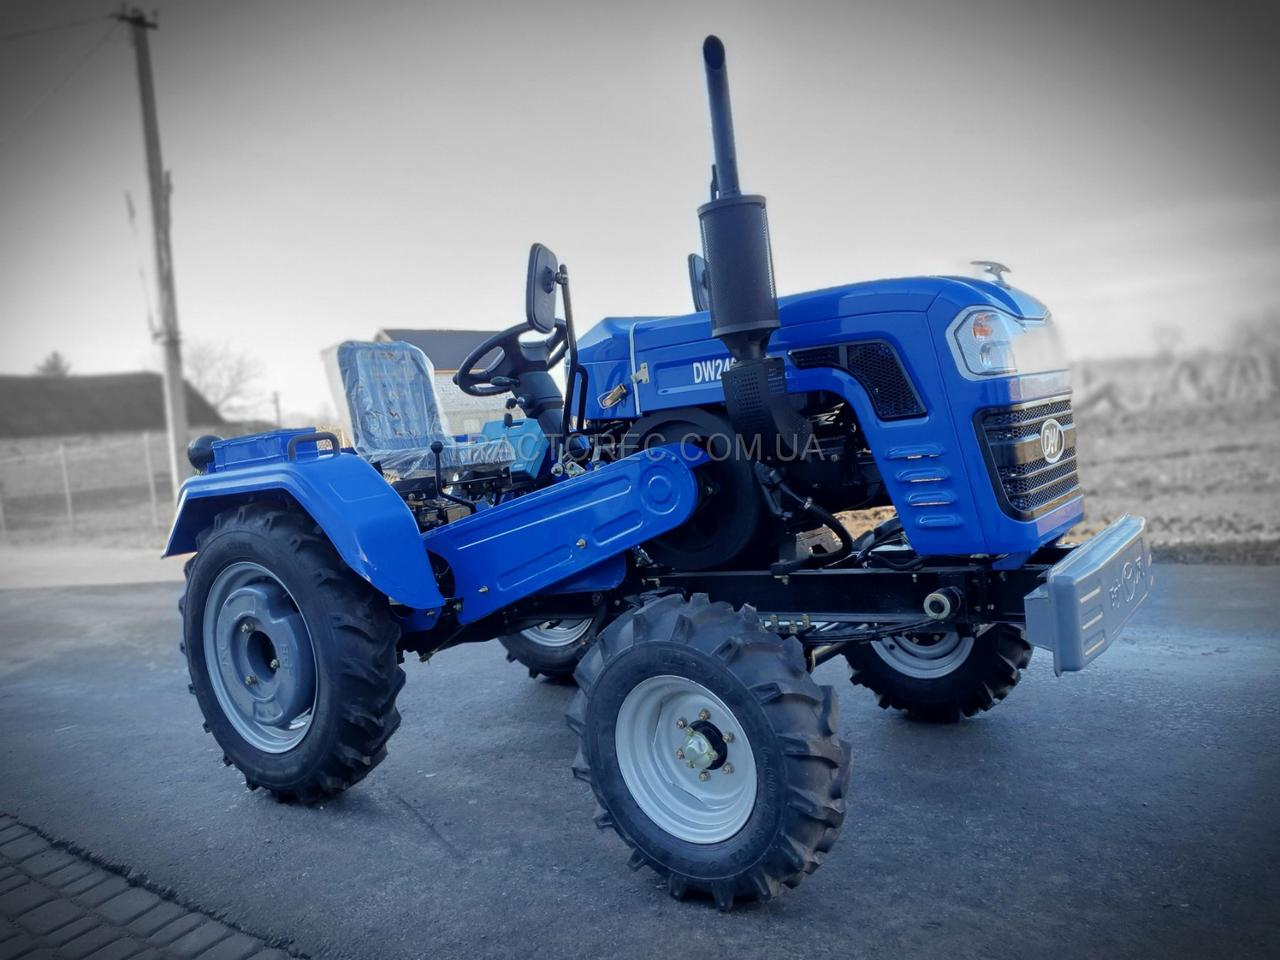 Трактор DW240B мощностью 24 л.с, задним ВОМ, 3х точечная навеска, лучше минитрактора Shifeng 240B, шифенг